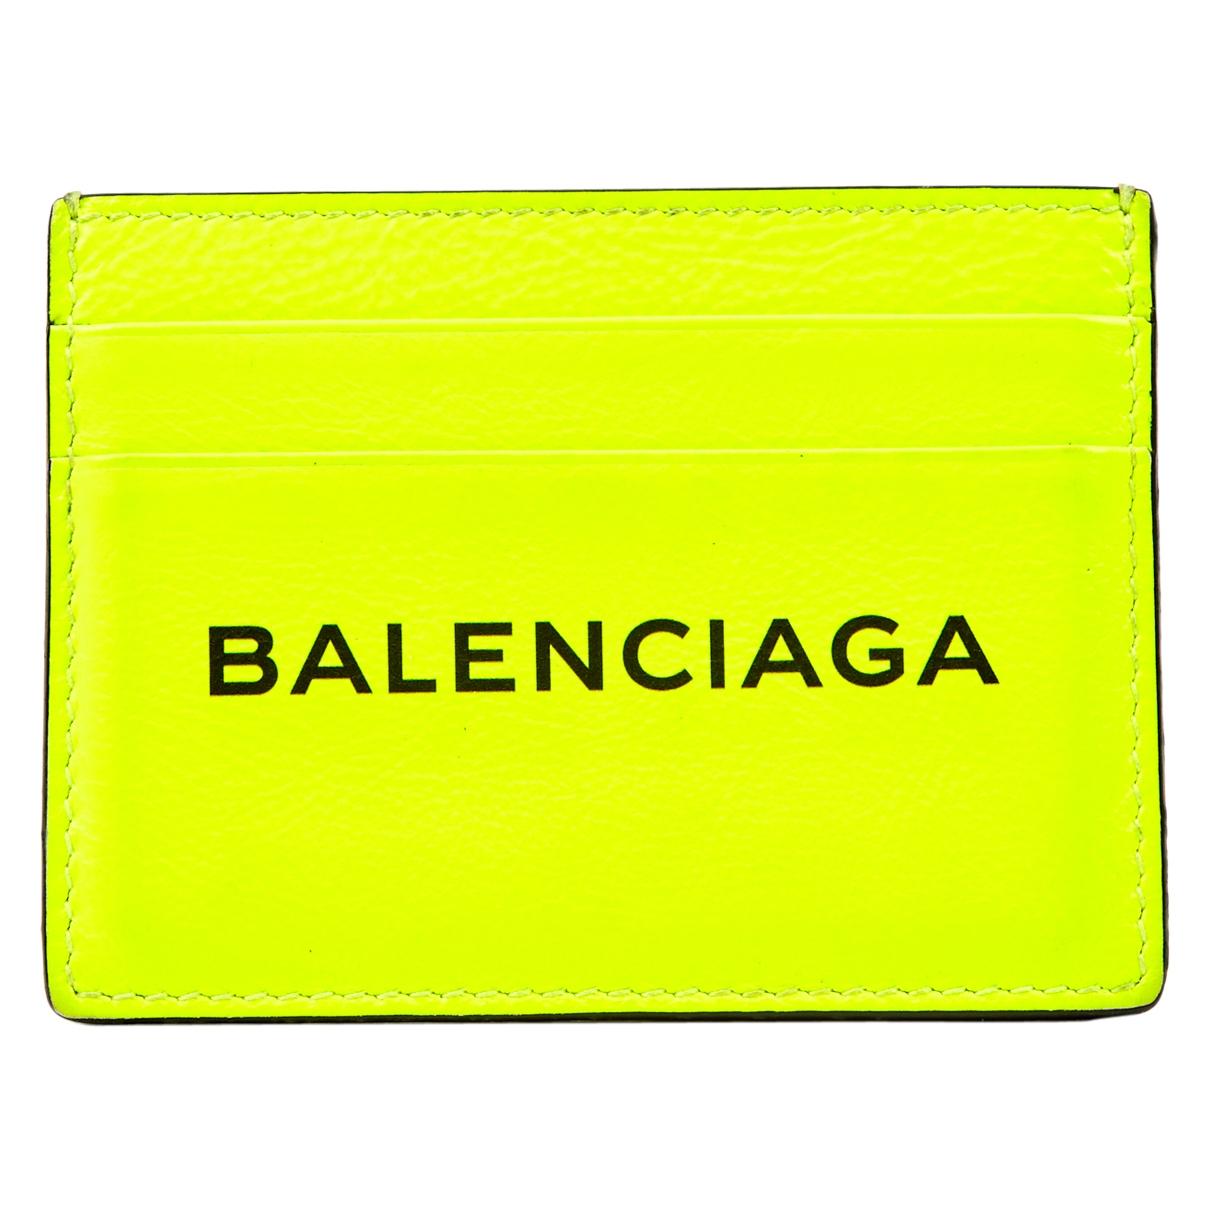 Balenciaga - Petite maroquinerie   pour homme en cuir - jaune